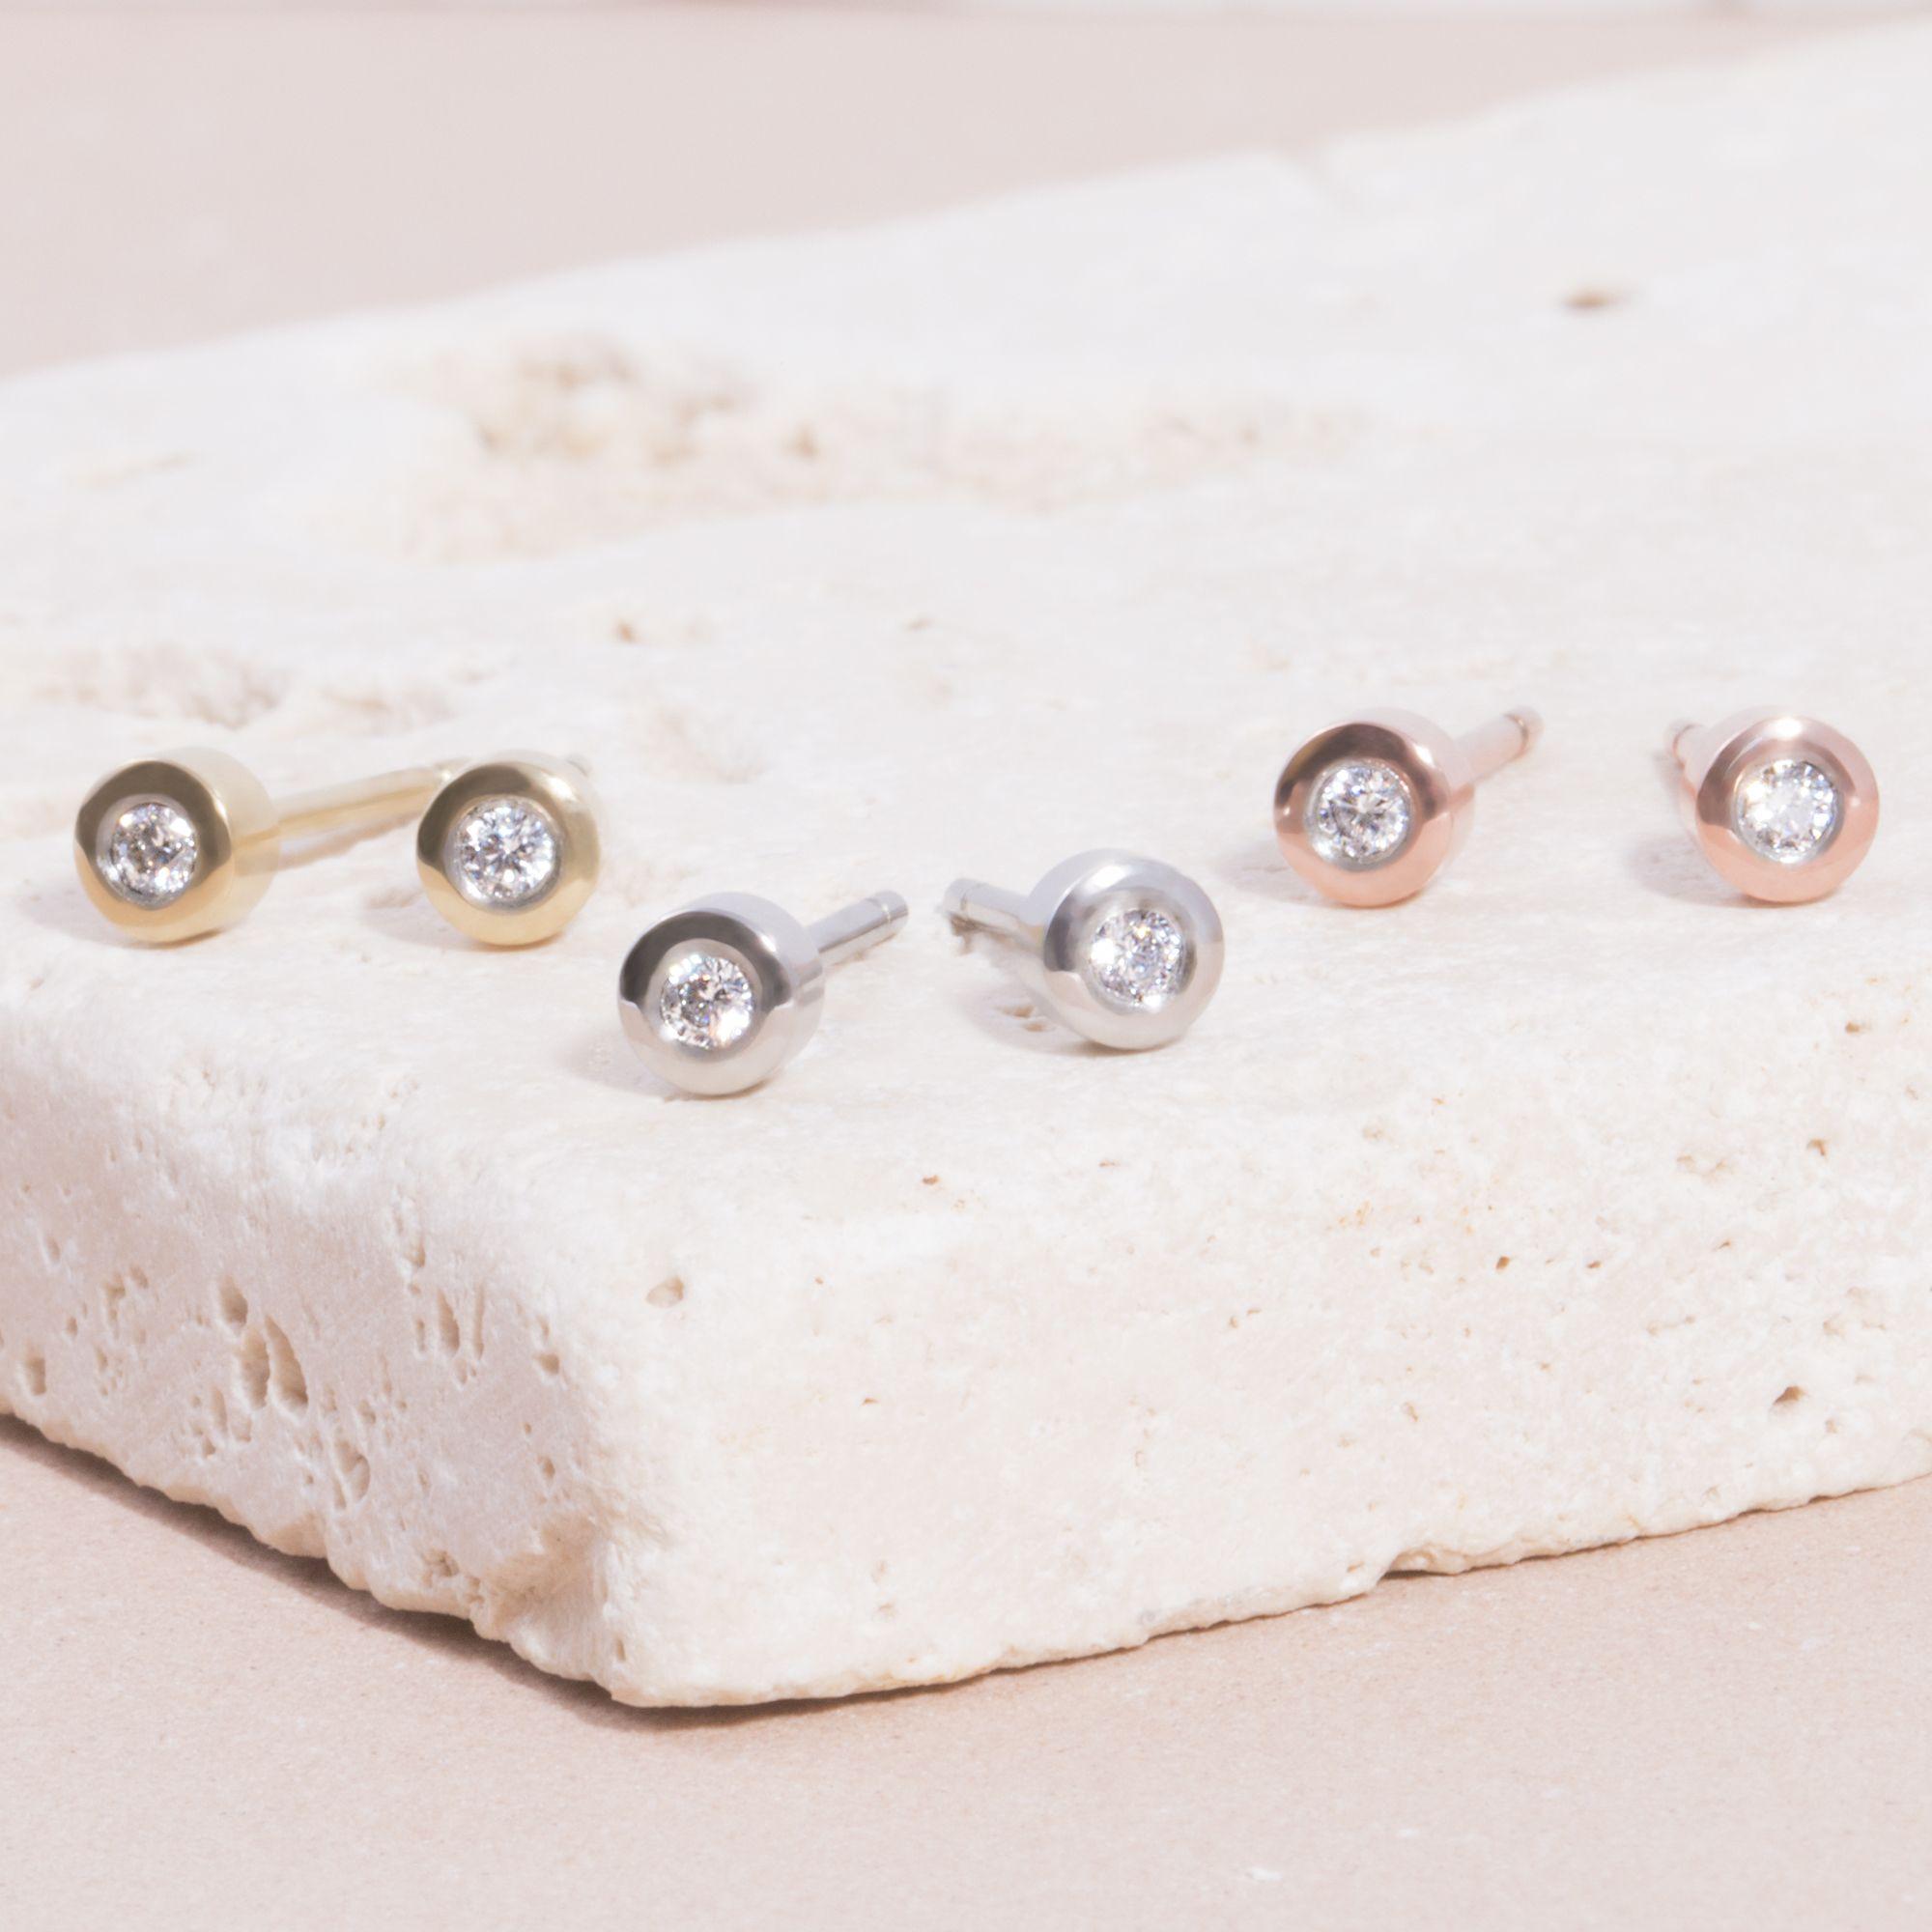 Mia Jewelry_Brincos Round Stone 3mm em aço, dourado e rose gold_PVP 24€